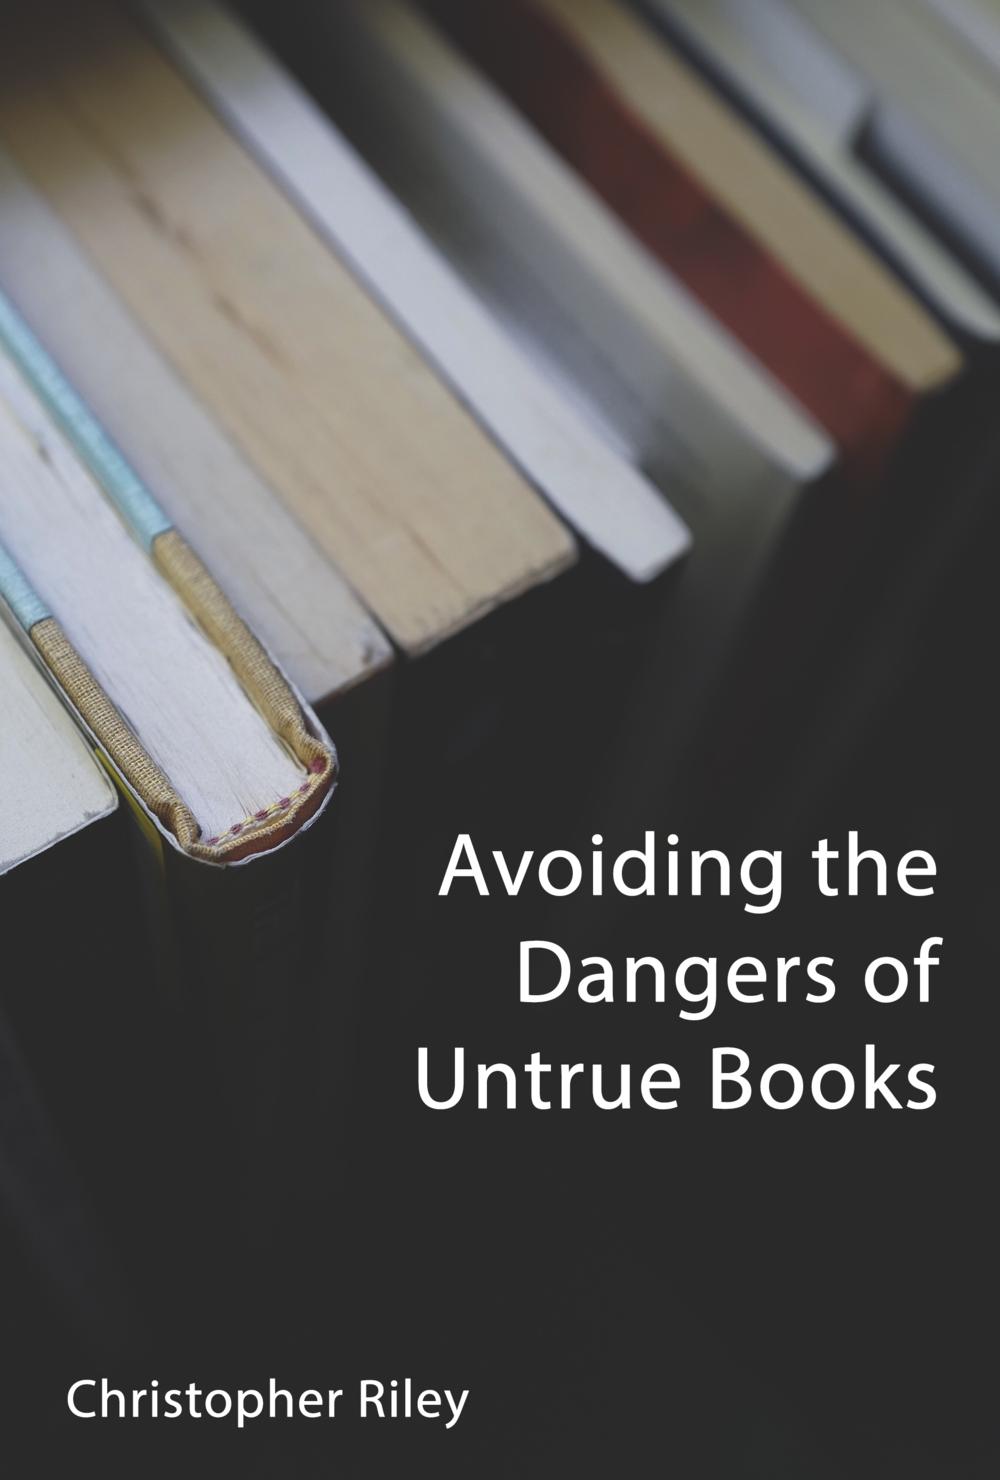 Avoiding the Dangers of Untrue Books